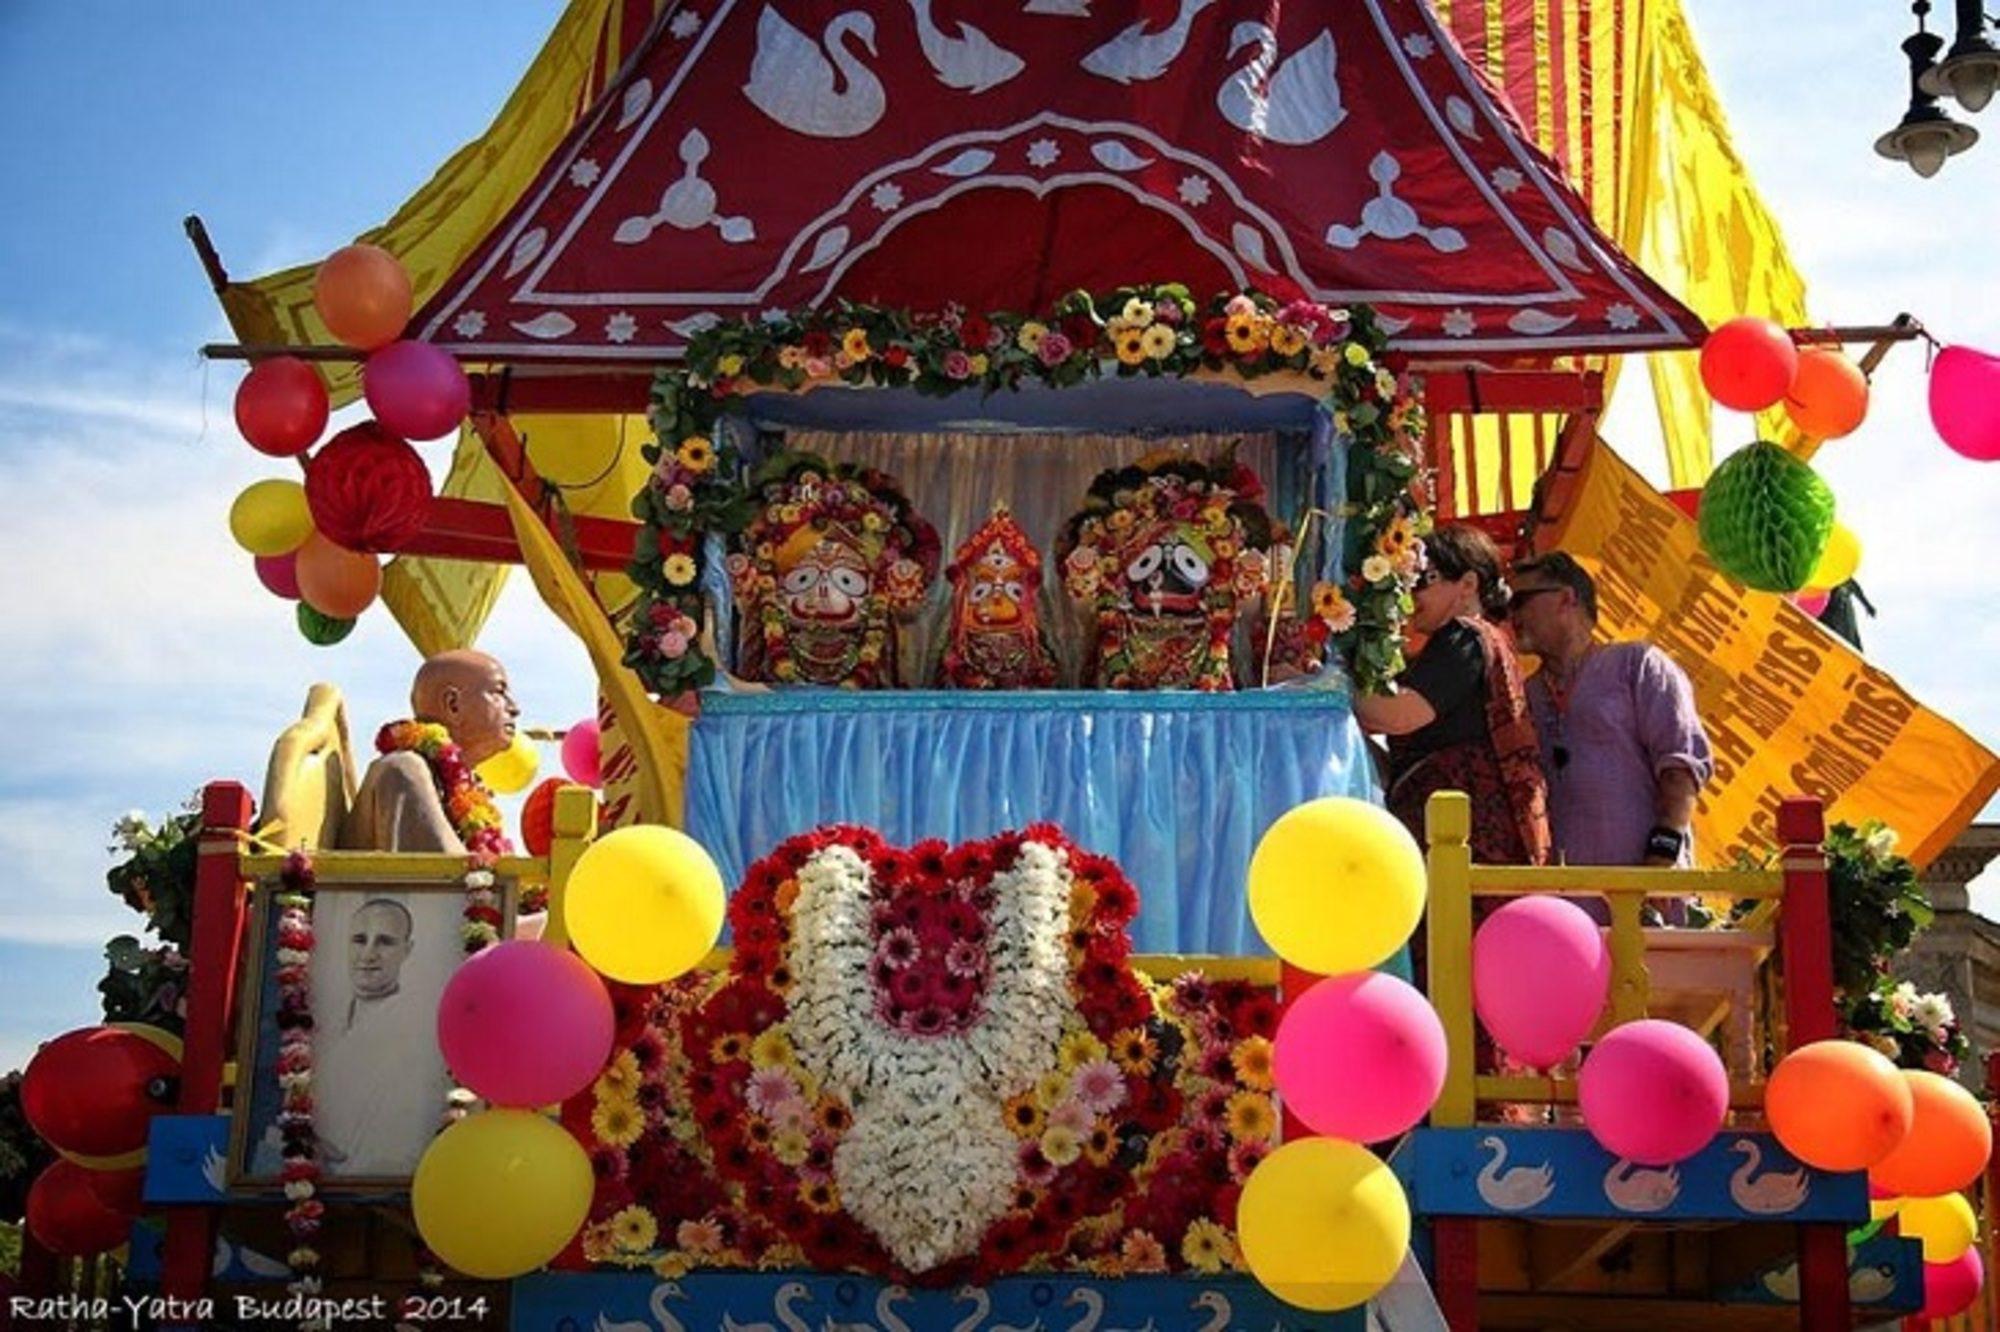 Jógás programokkal vár mindenkit a Bhaktivedanta Hittudományi Főiskola a 23. Szekérfesztiválon!